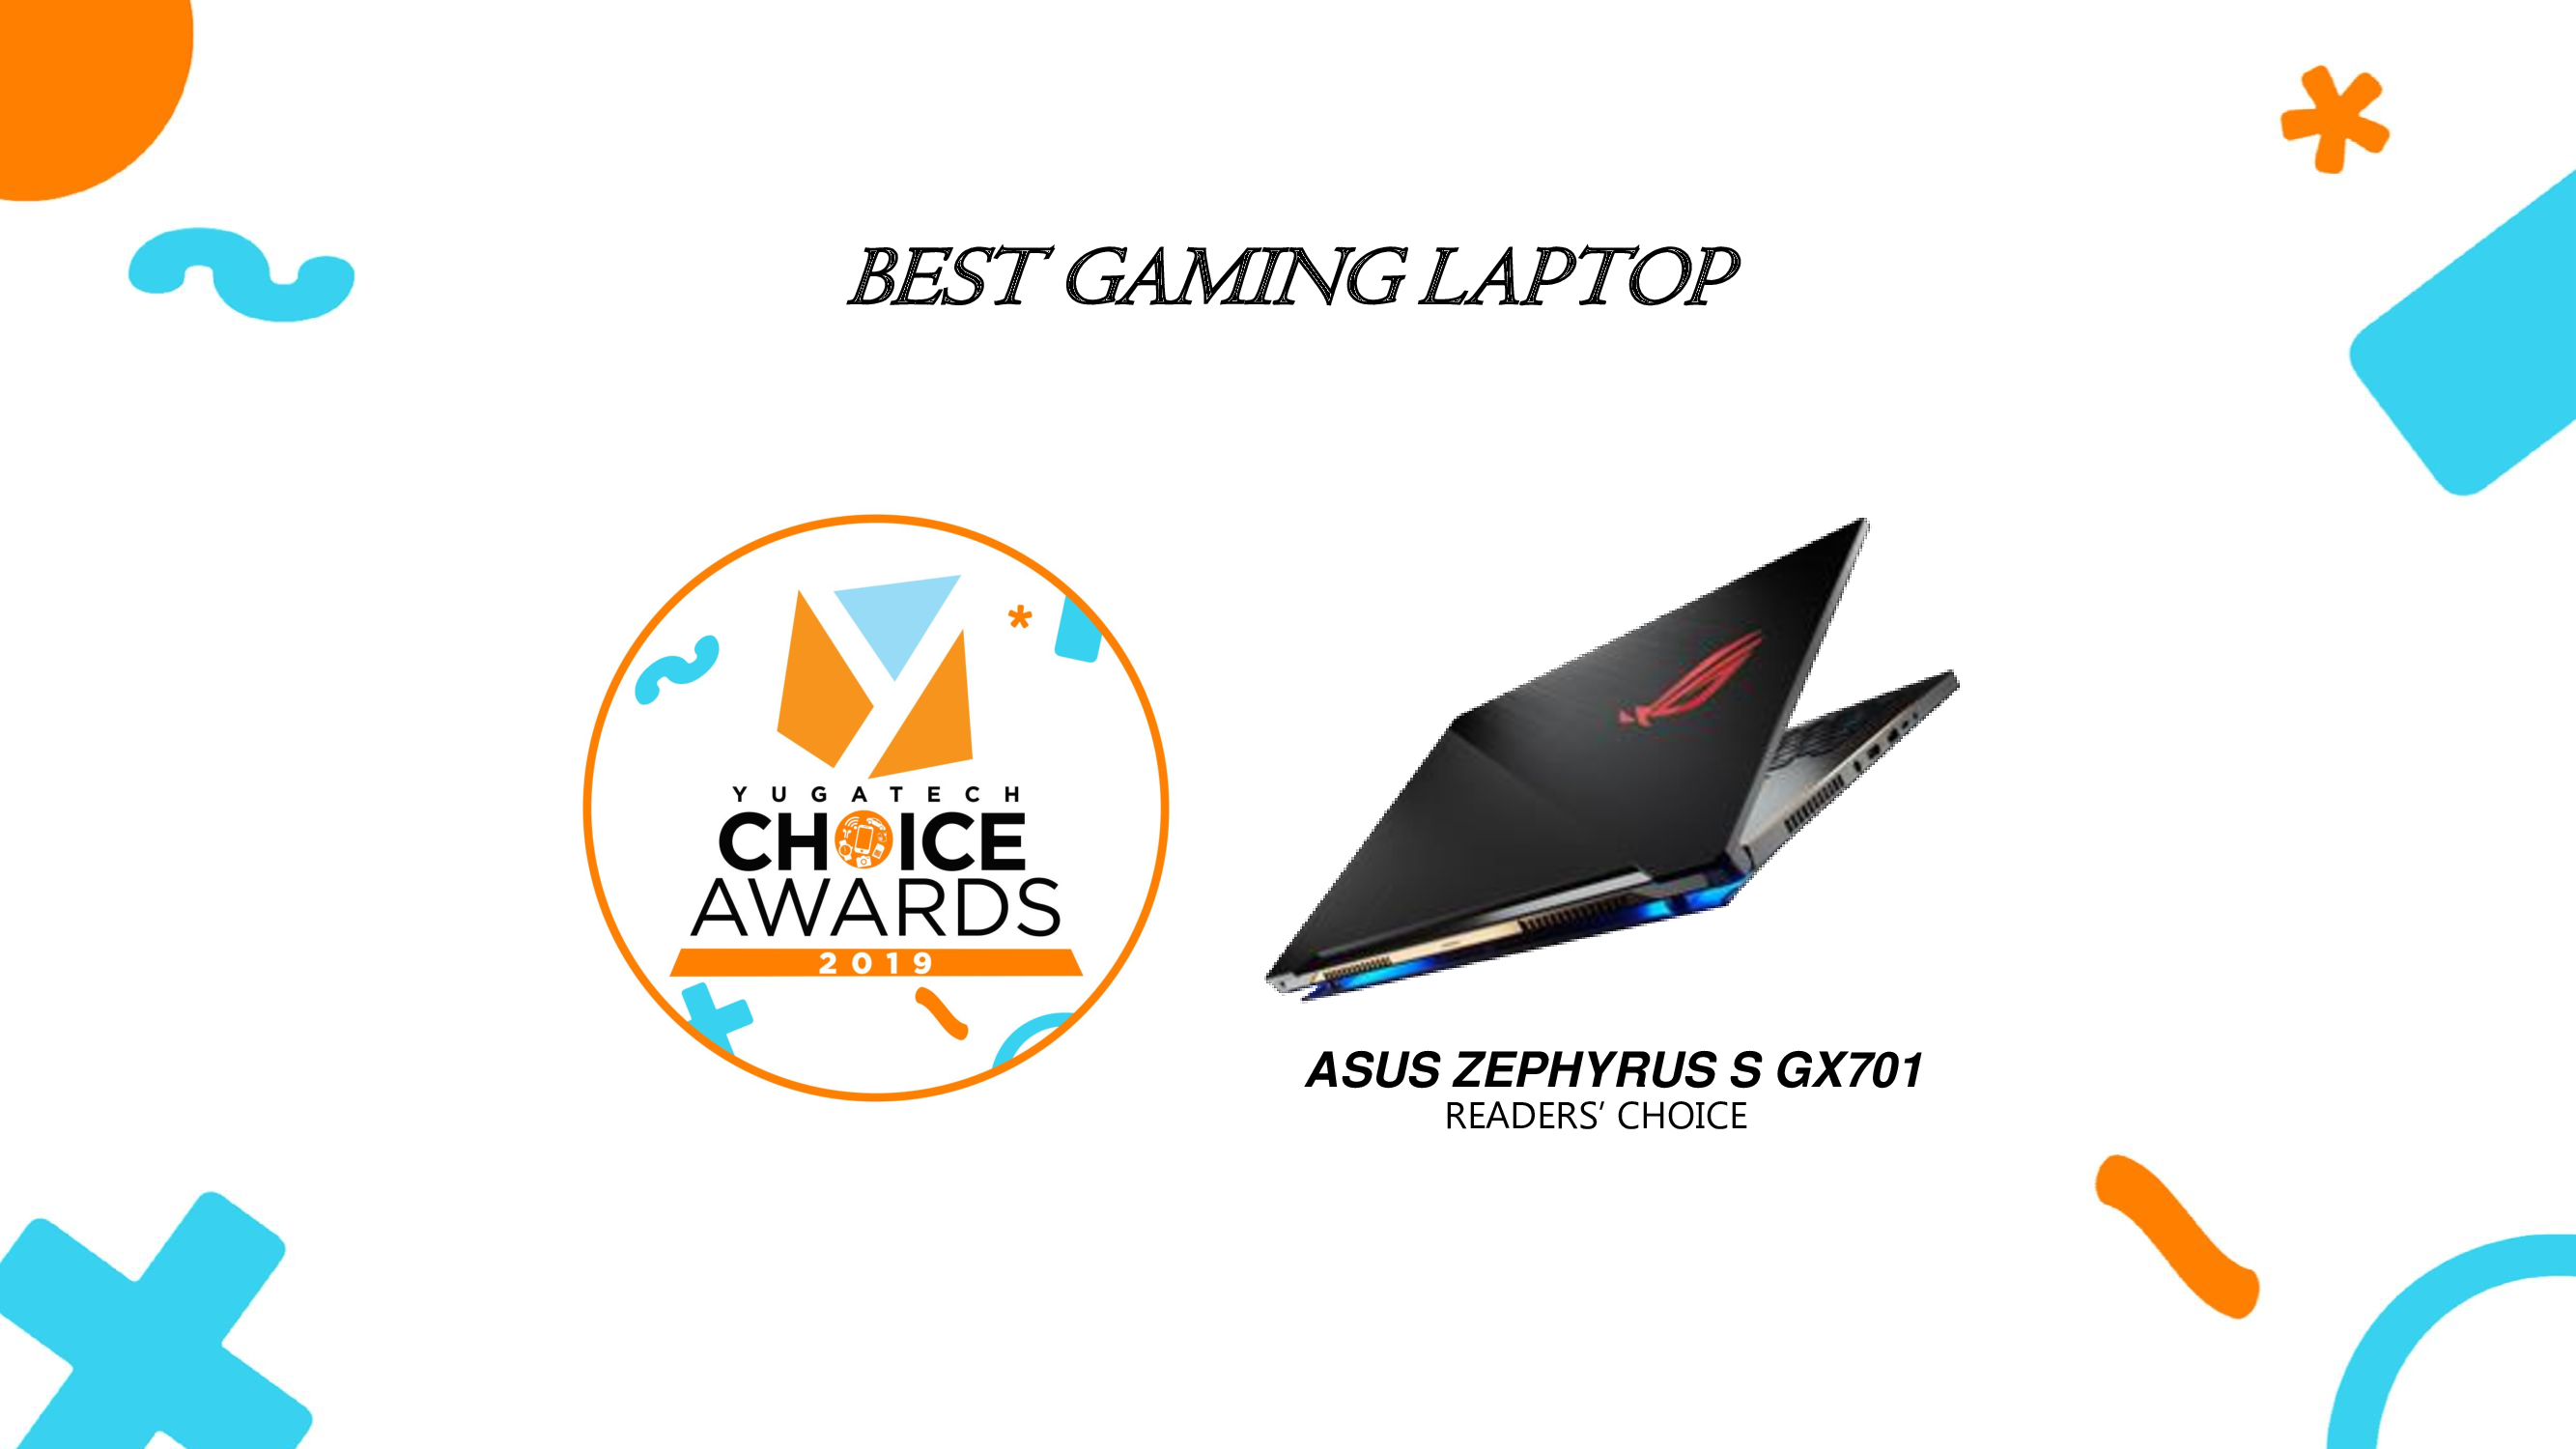 Yugatech Choice Awards Best Gaming Laptop 2019